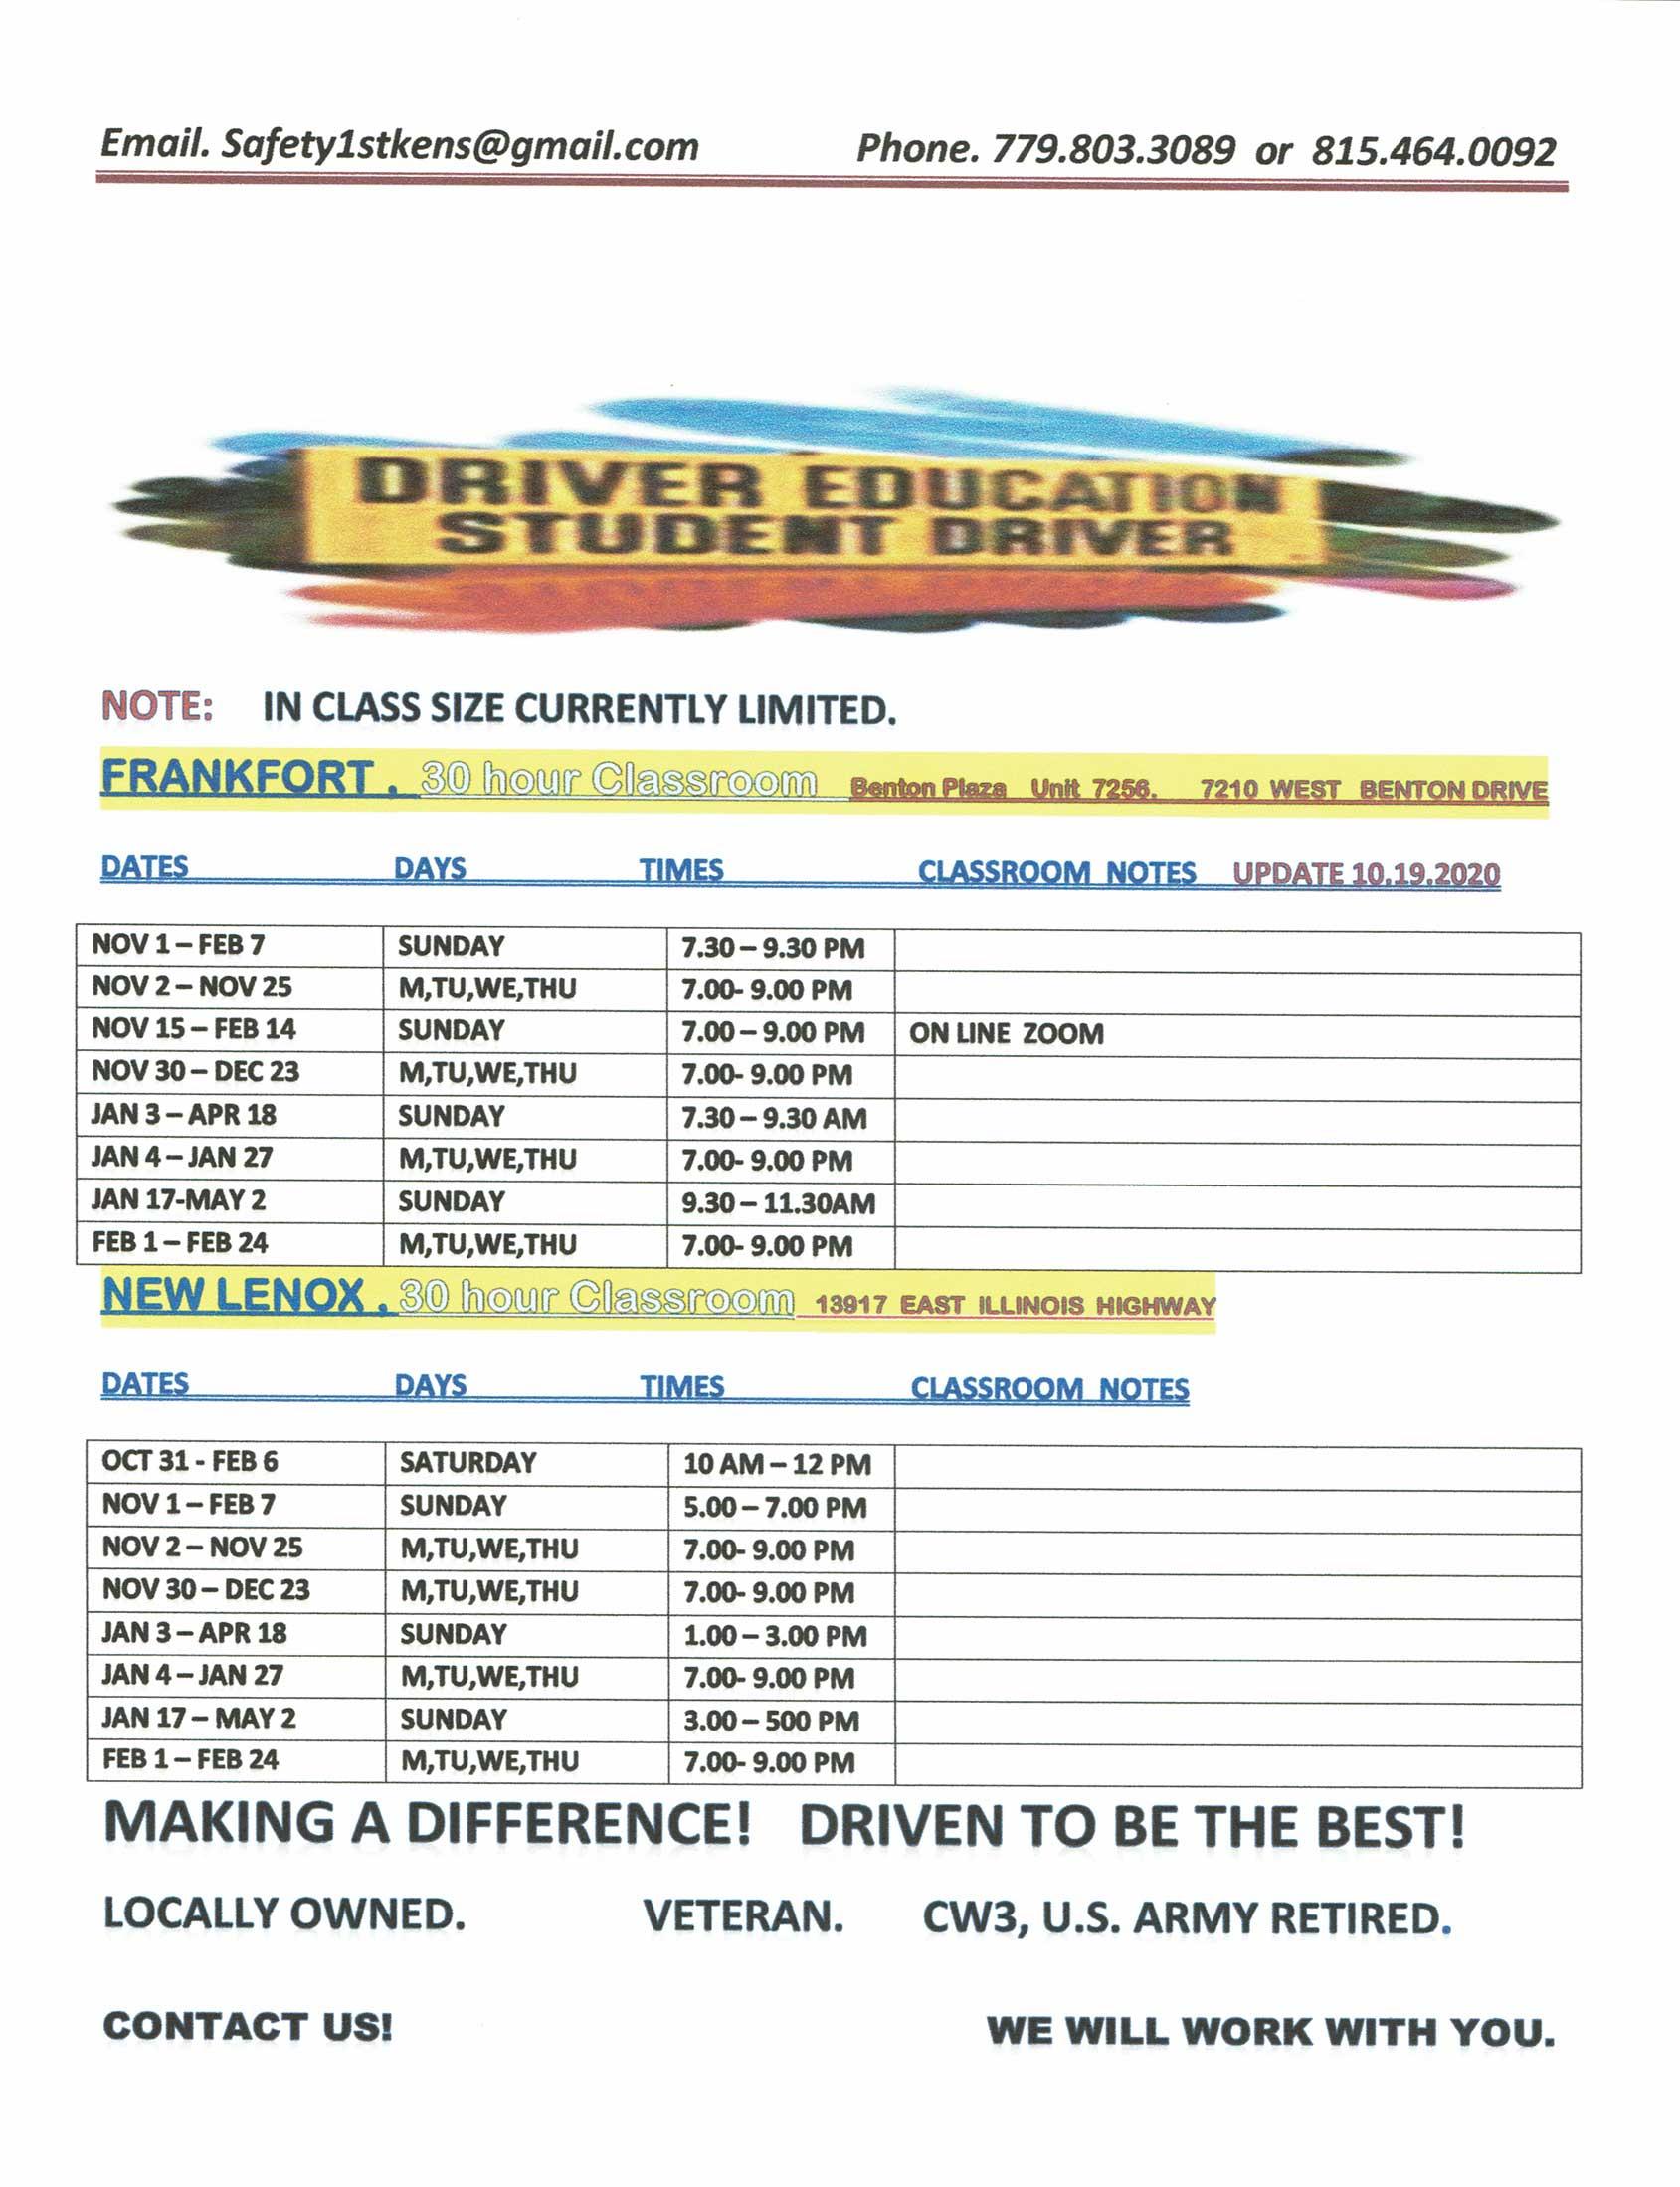 Ken's Driving School - Calendar Schedule October 2020